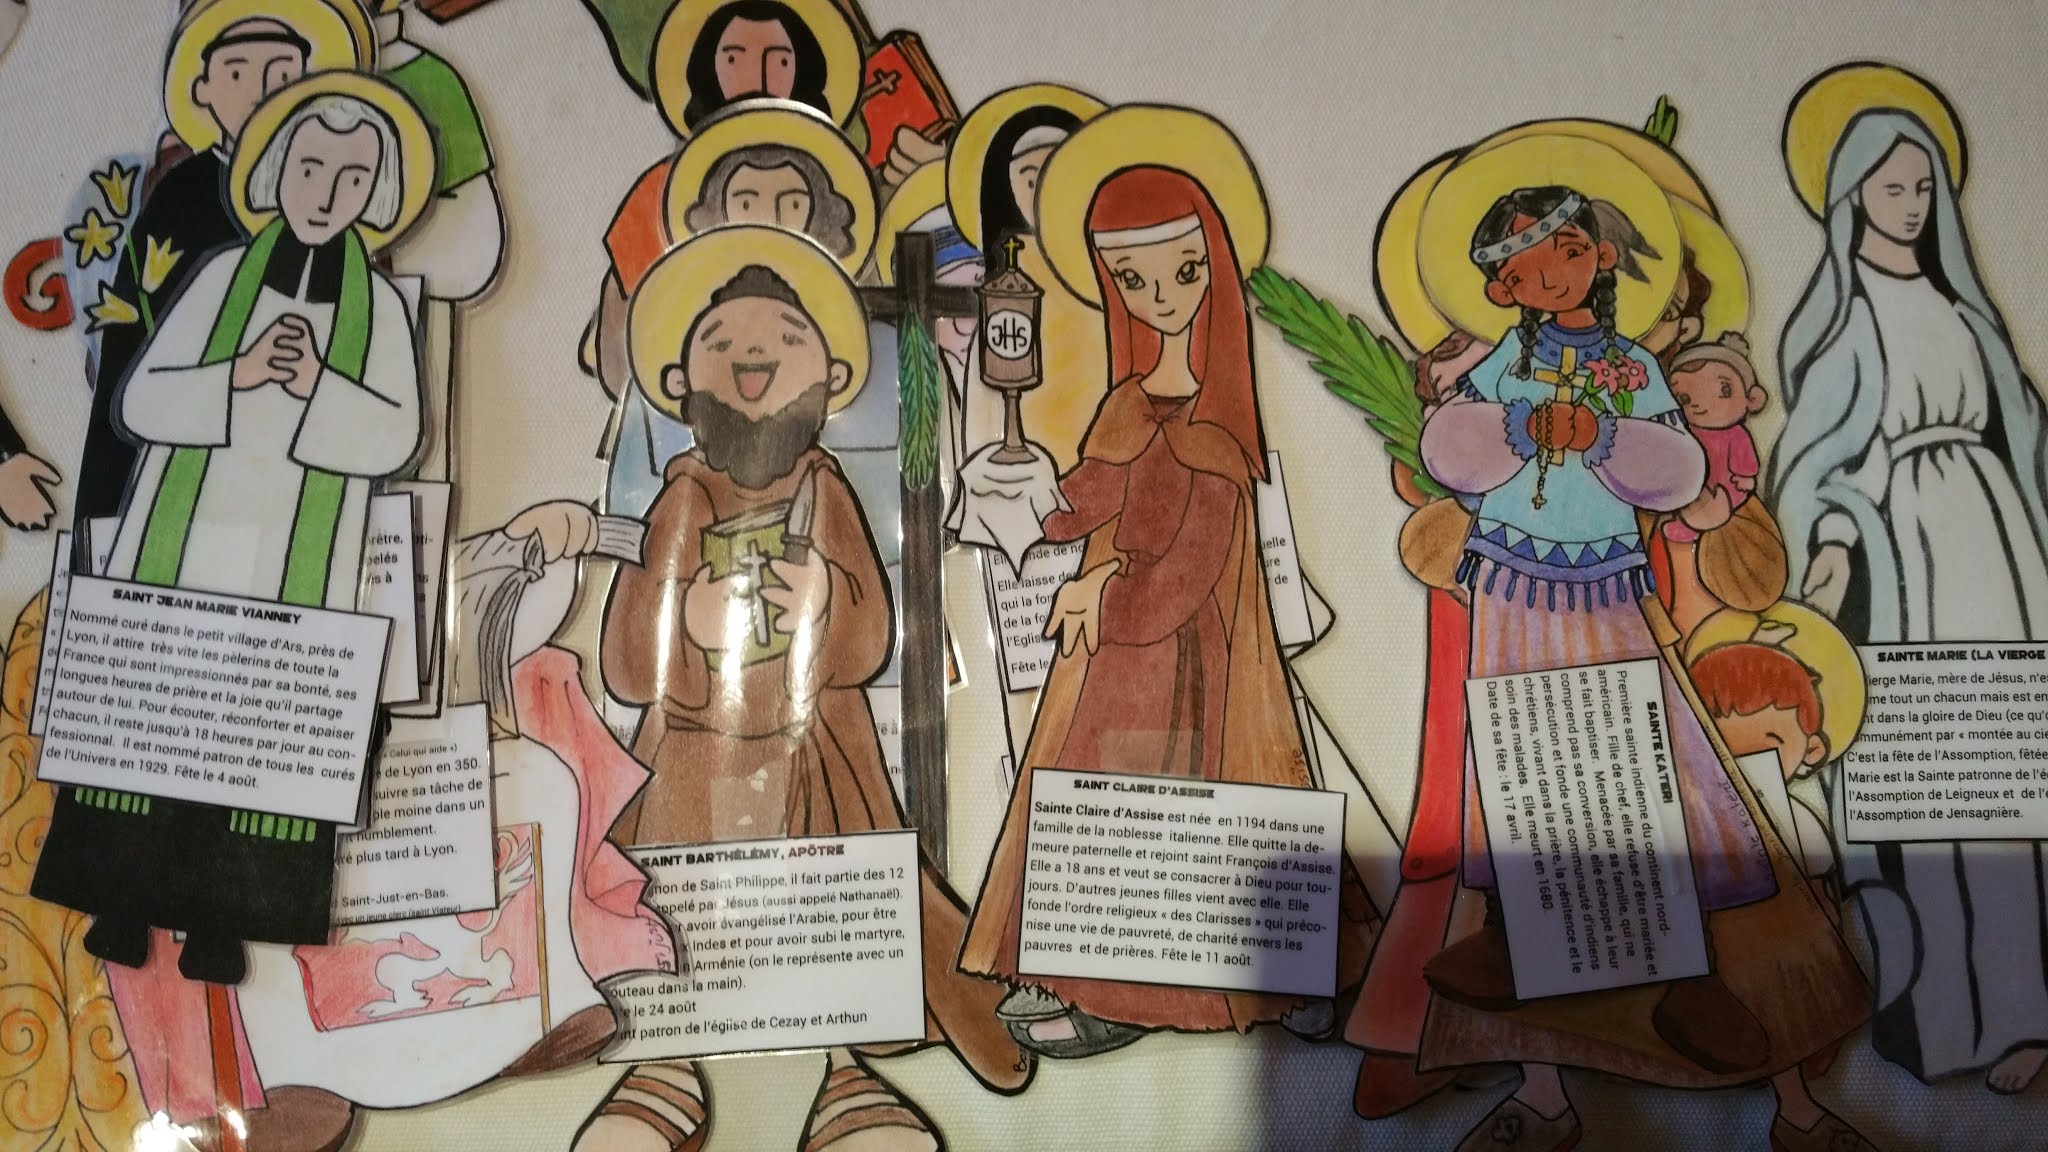 Jeu de cartes : découvrir quelques saints pour la toussaint